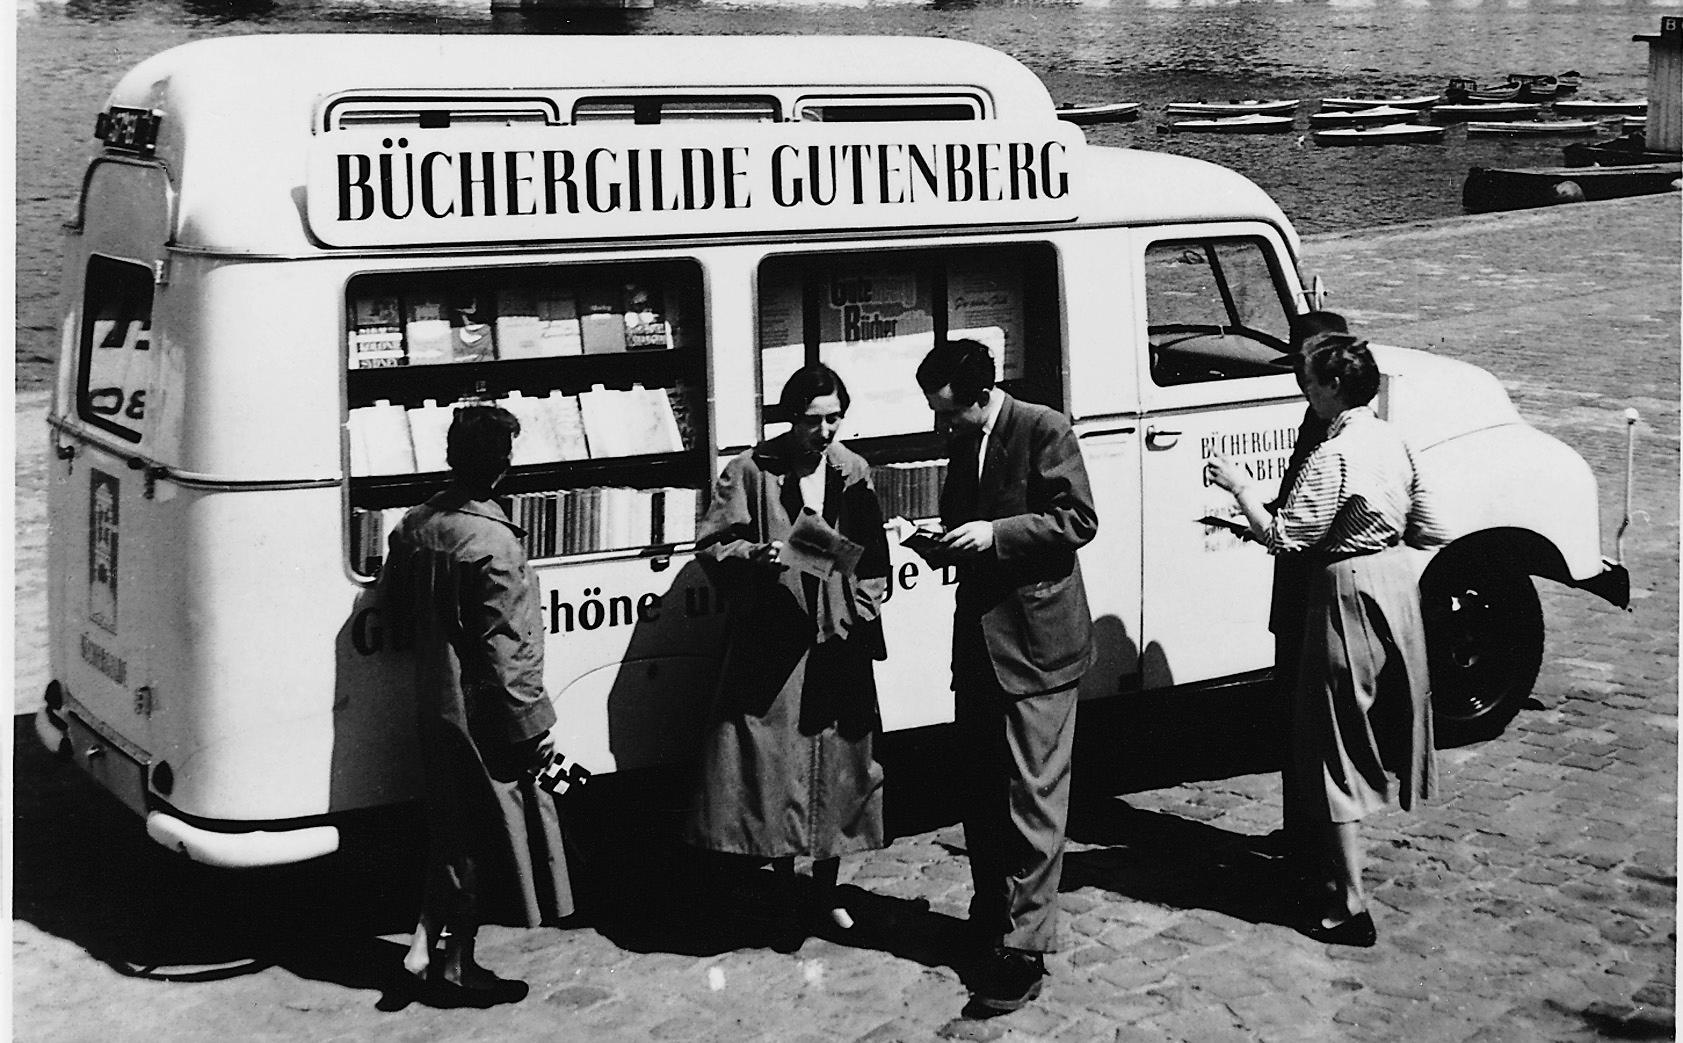 Ein Bücherbus der 50er Jahre. Bildnachweis: Büchergilde Gutenberg